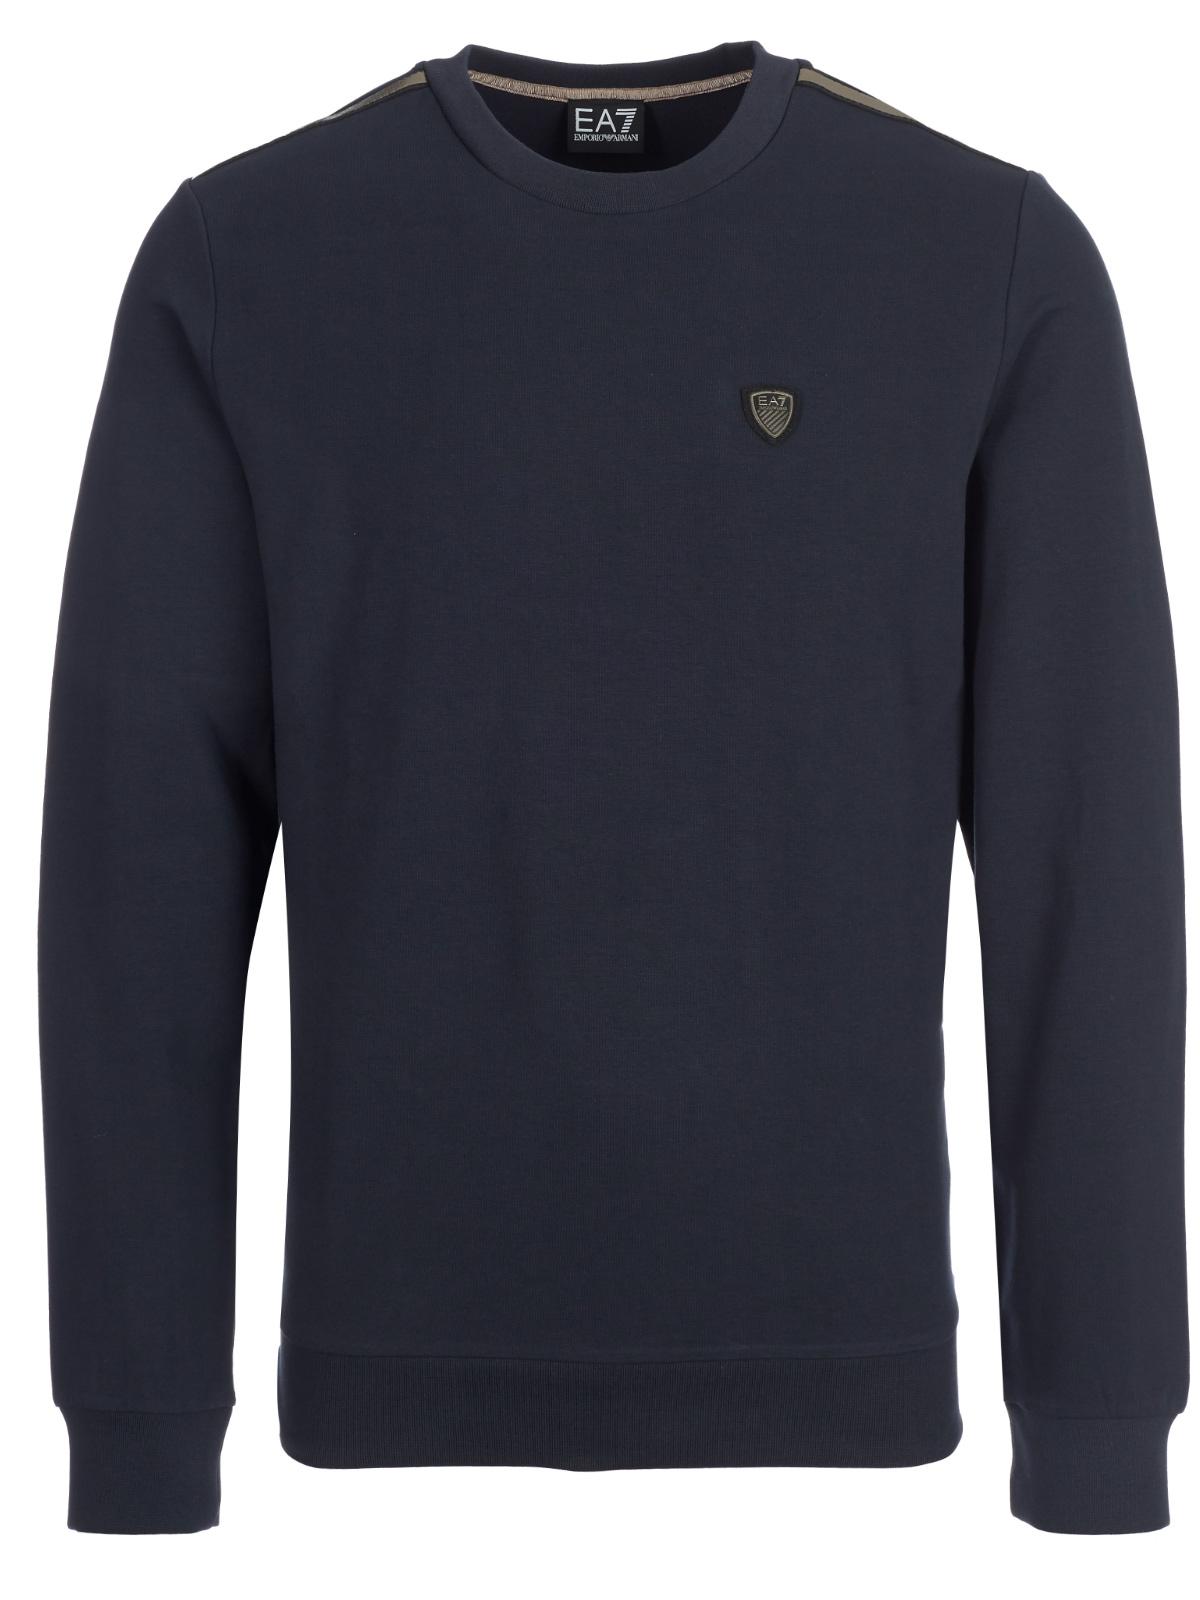 Armani Emporio Shop Dark Ea7 Sweatshirt Qrtsdchx Online Bluefashionesta kZuXiP